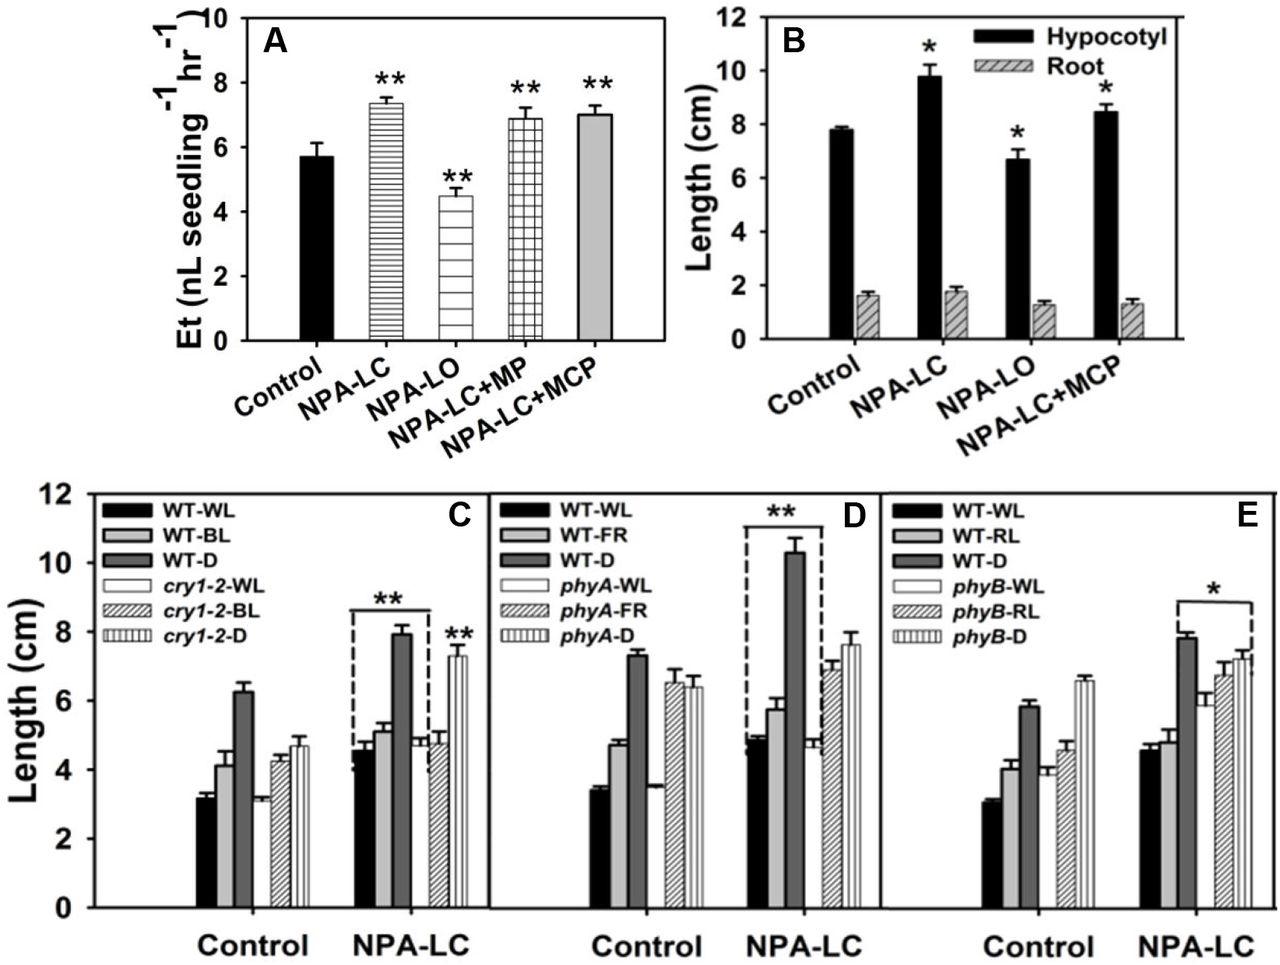 N-1-naphthylphthalamic acid stimulates tomato hypocotyl elongation